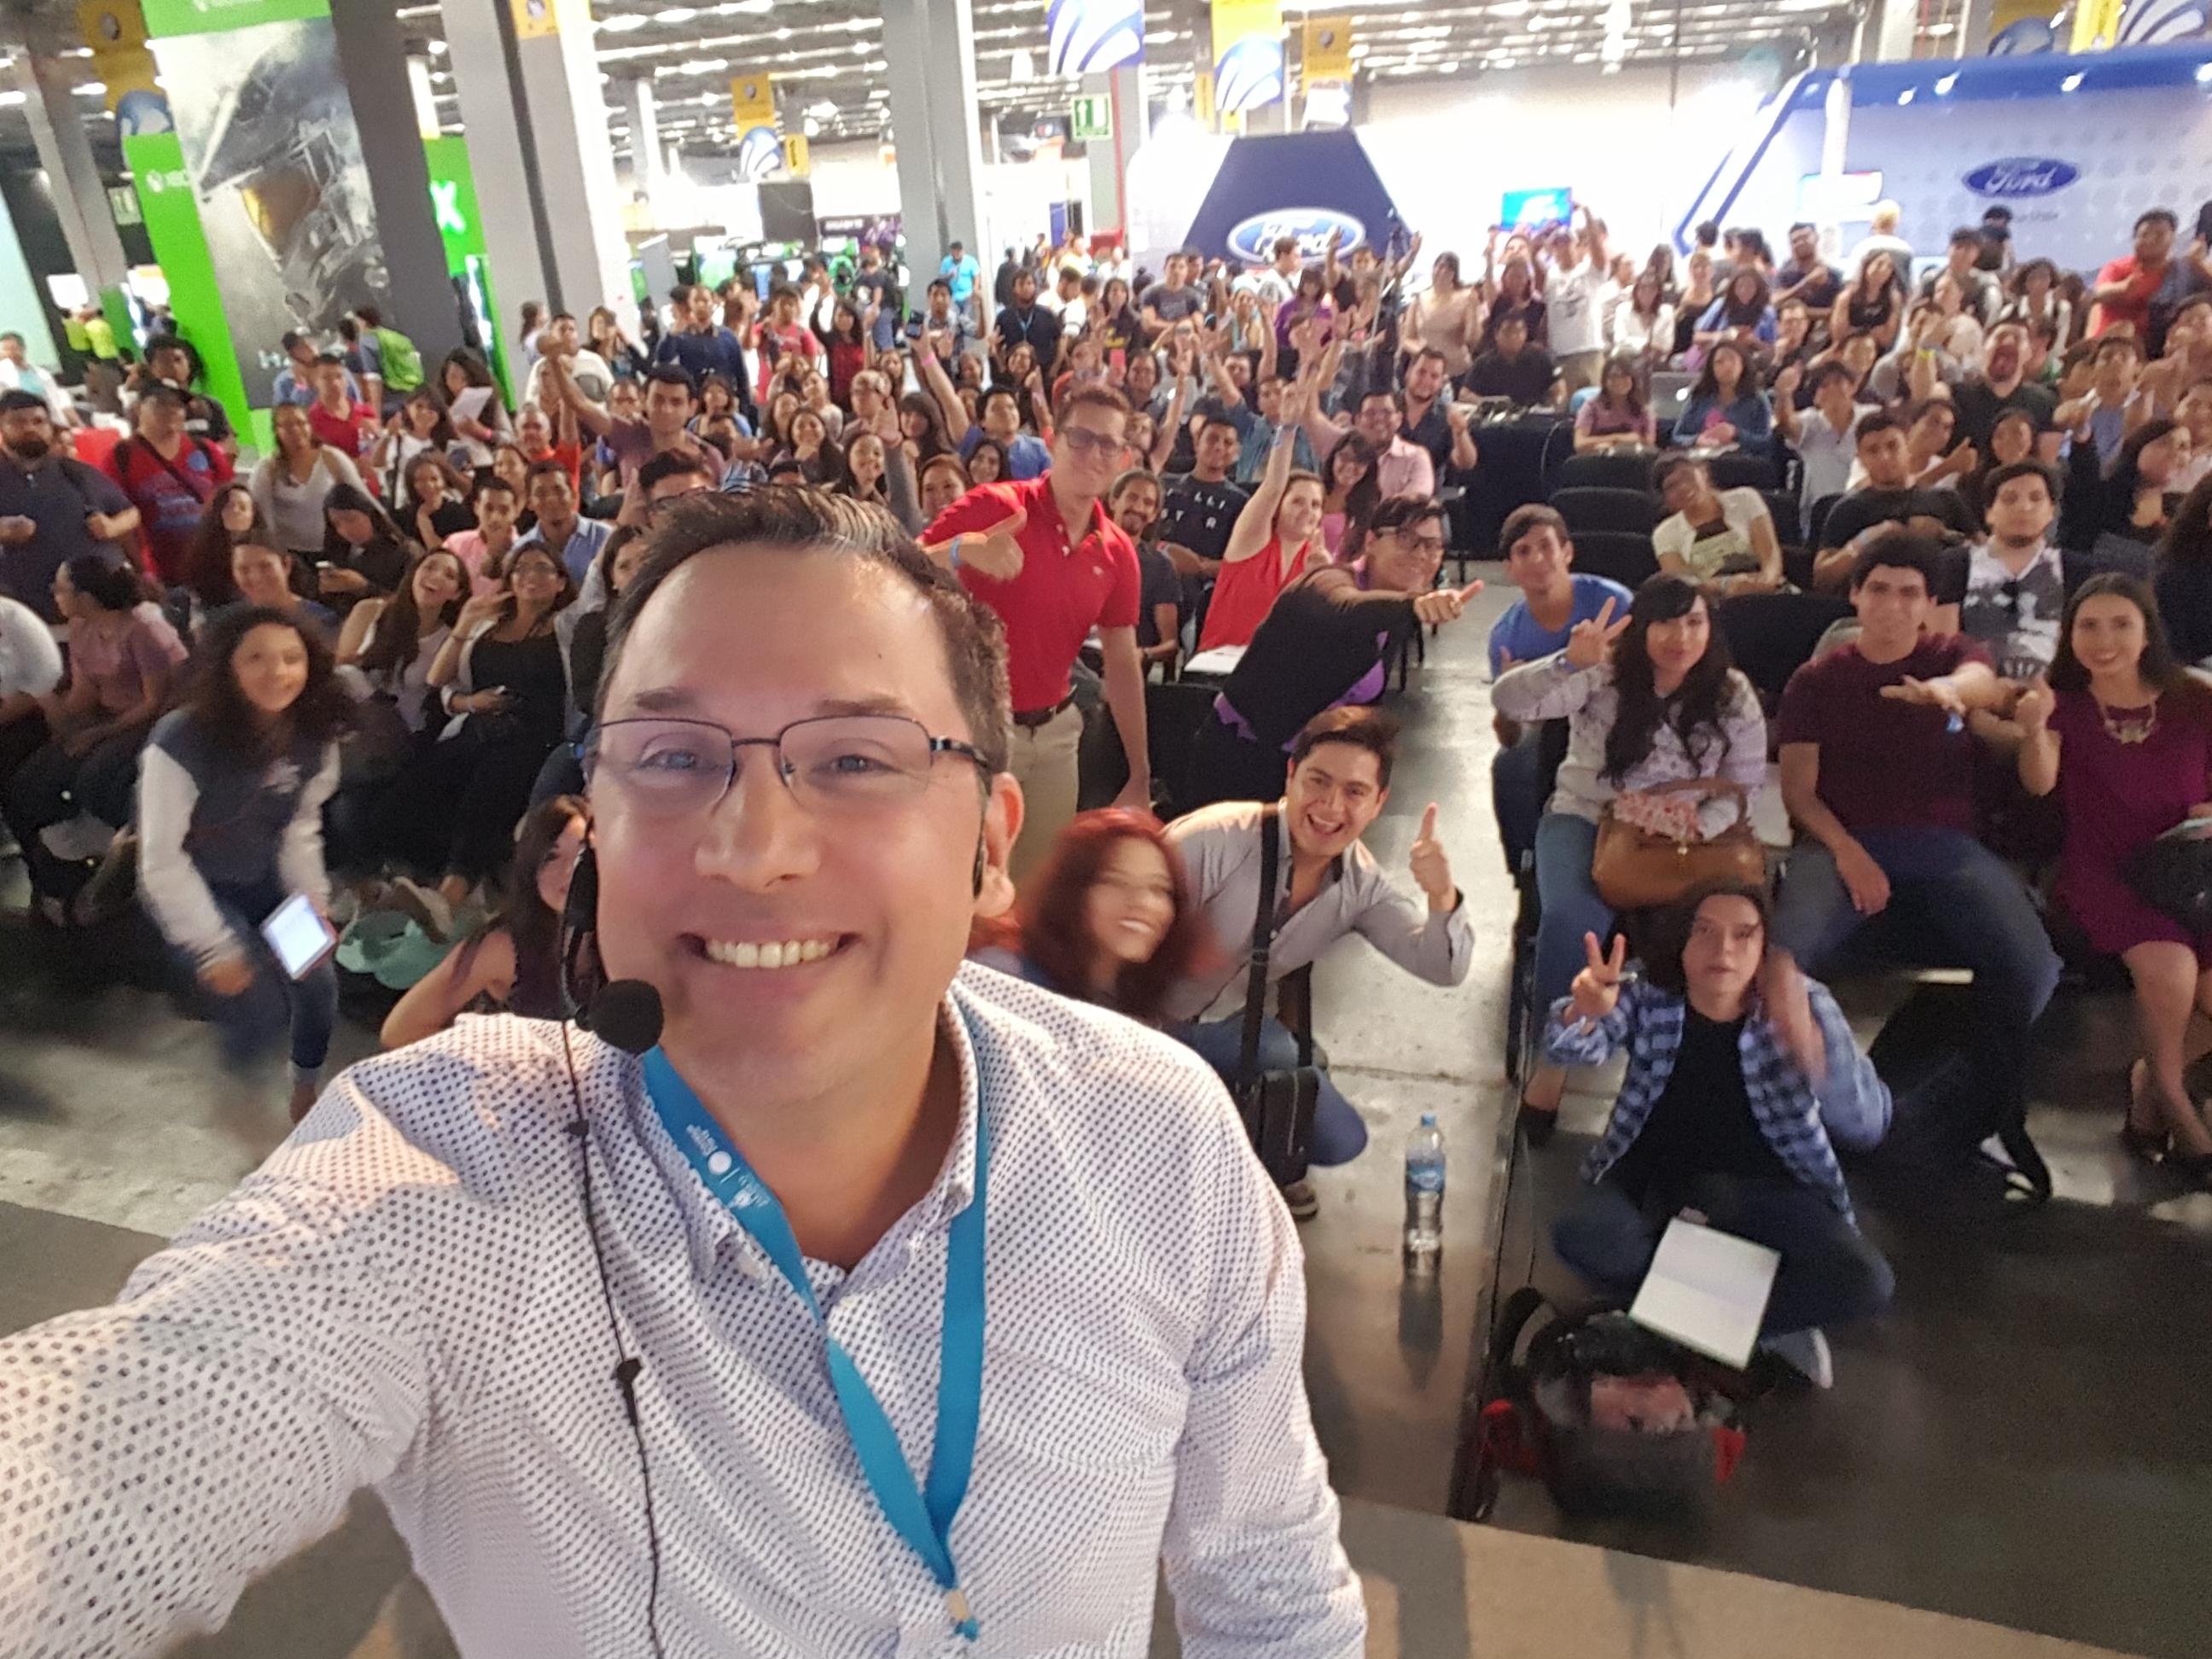 Selfie Juan Carlos Mejía Llano Campus Party México